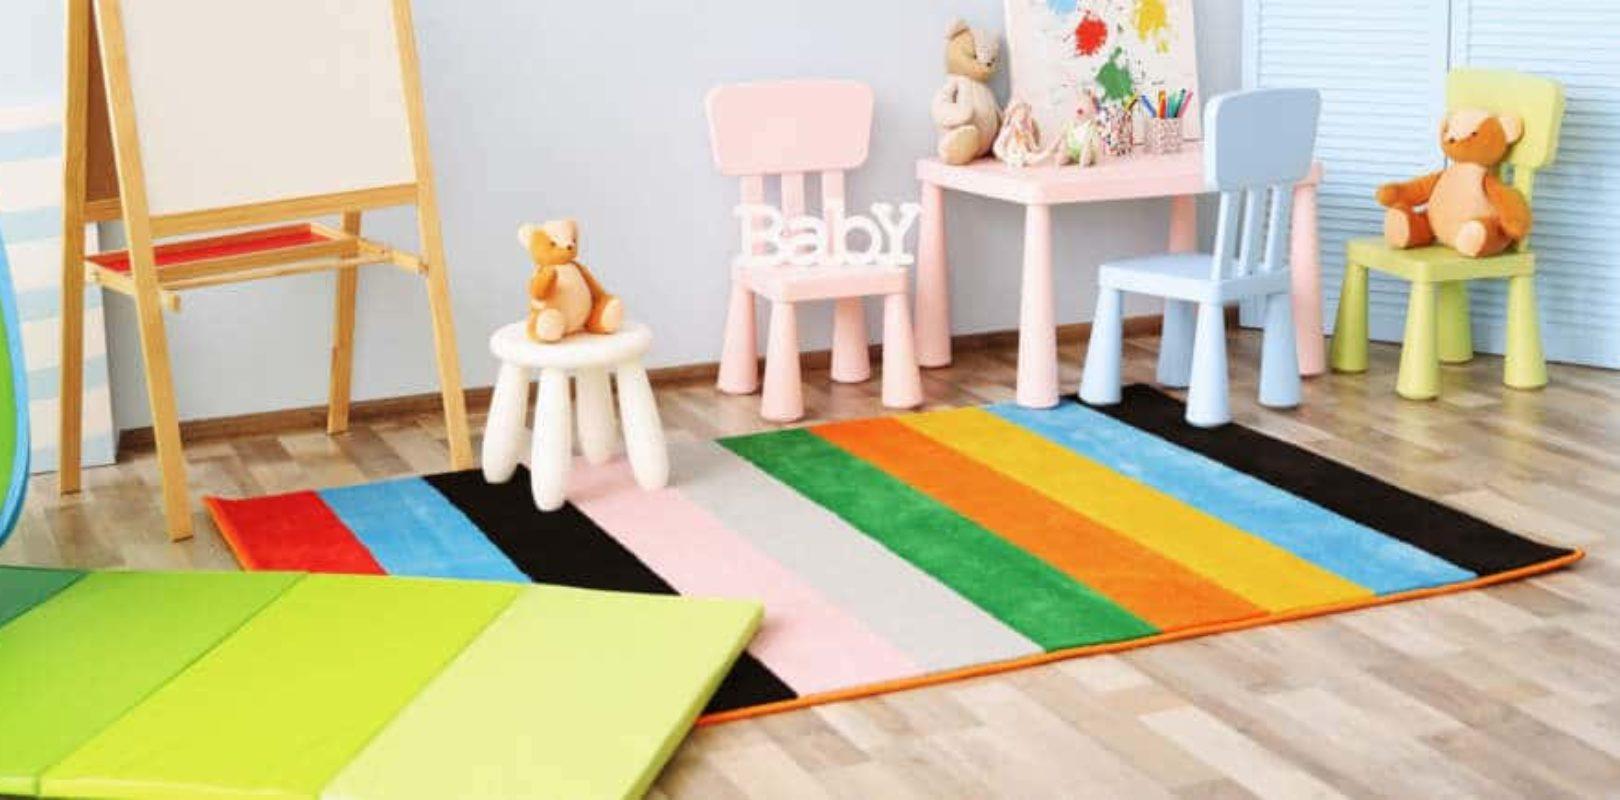 Kinderzimmerteppich: So wichtig ist er im Kinderzimmer › papa.de